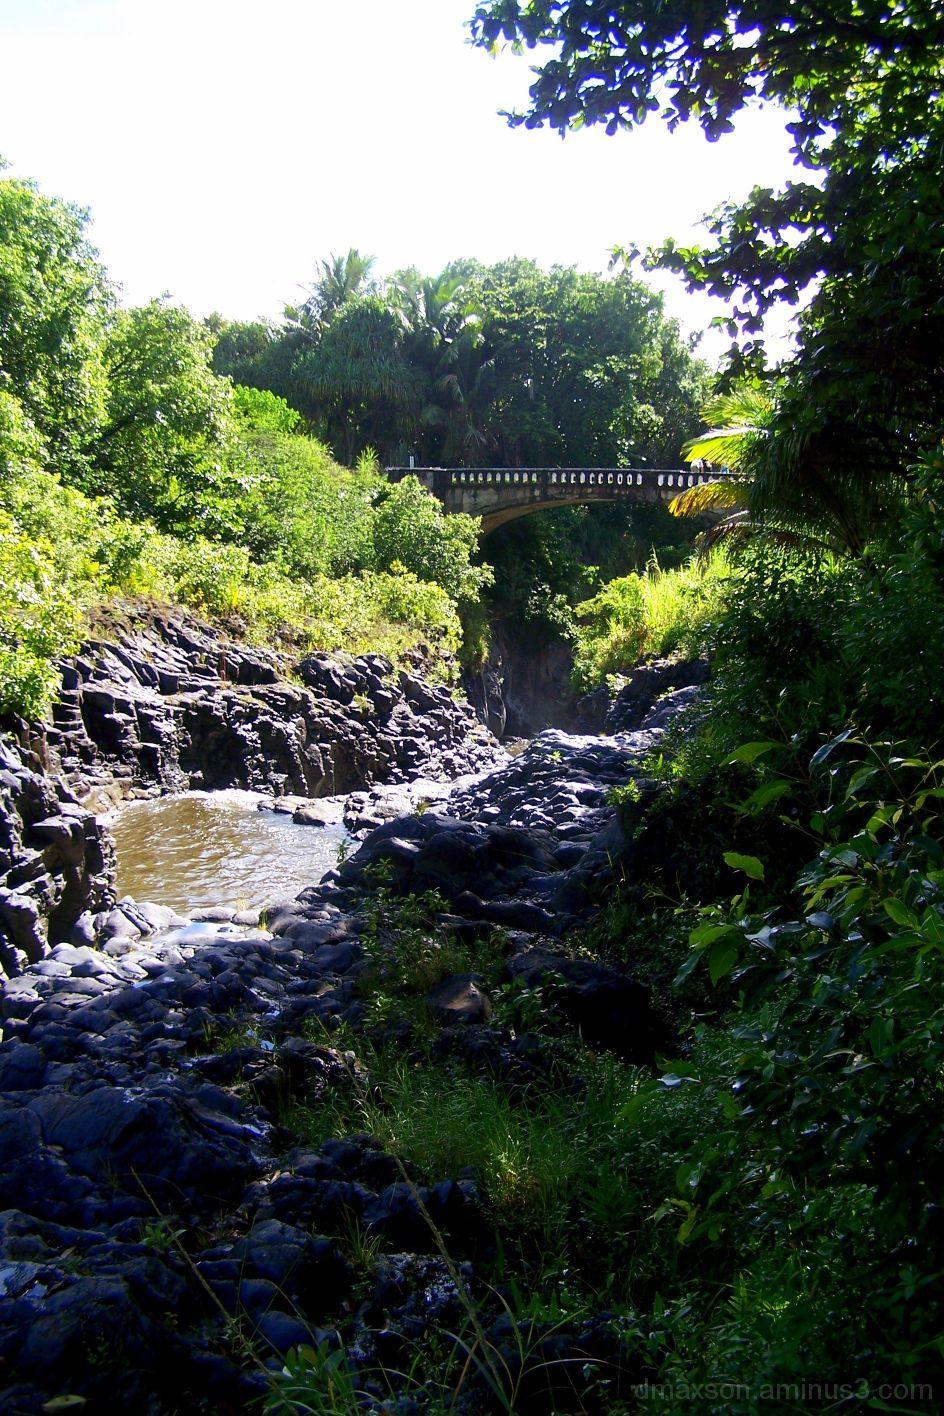 Bridge by Falls